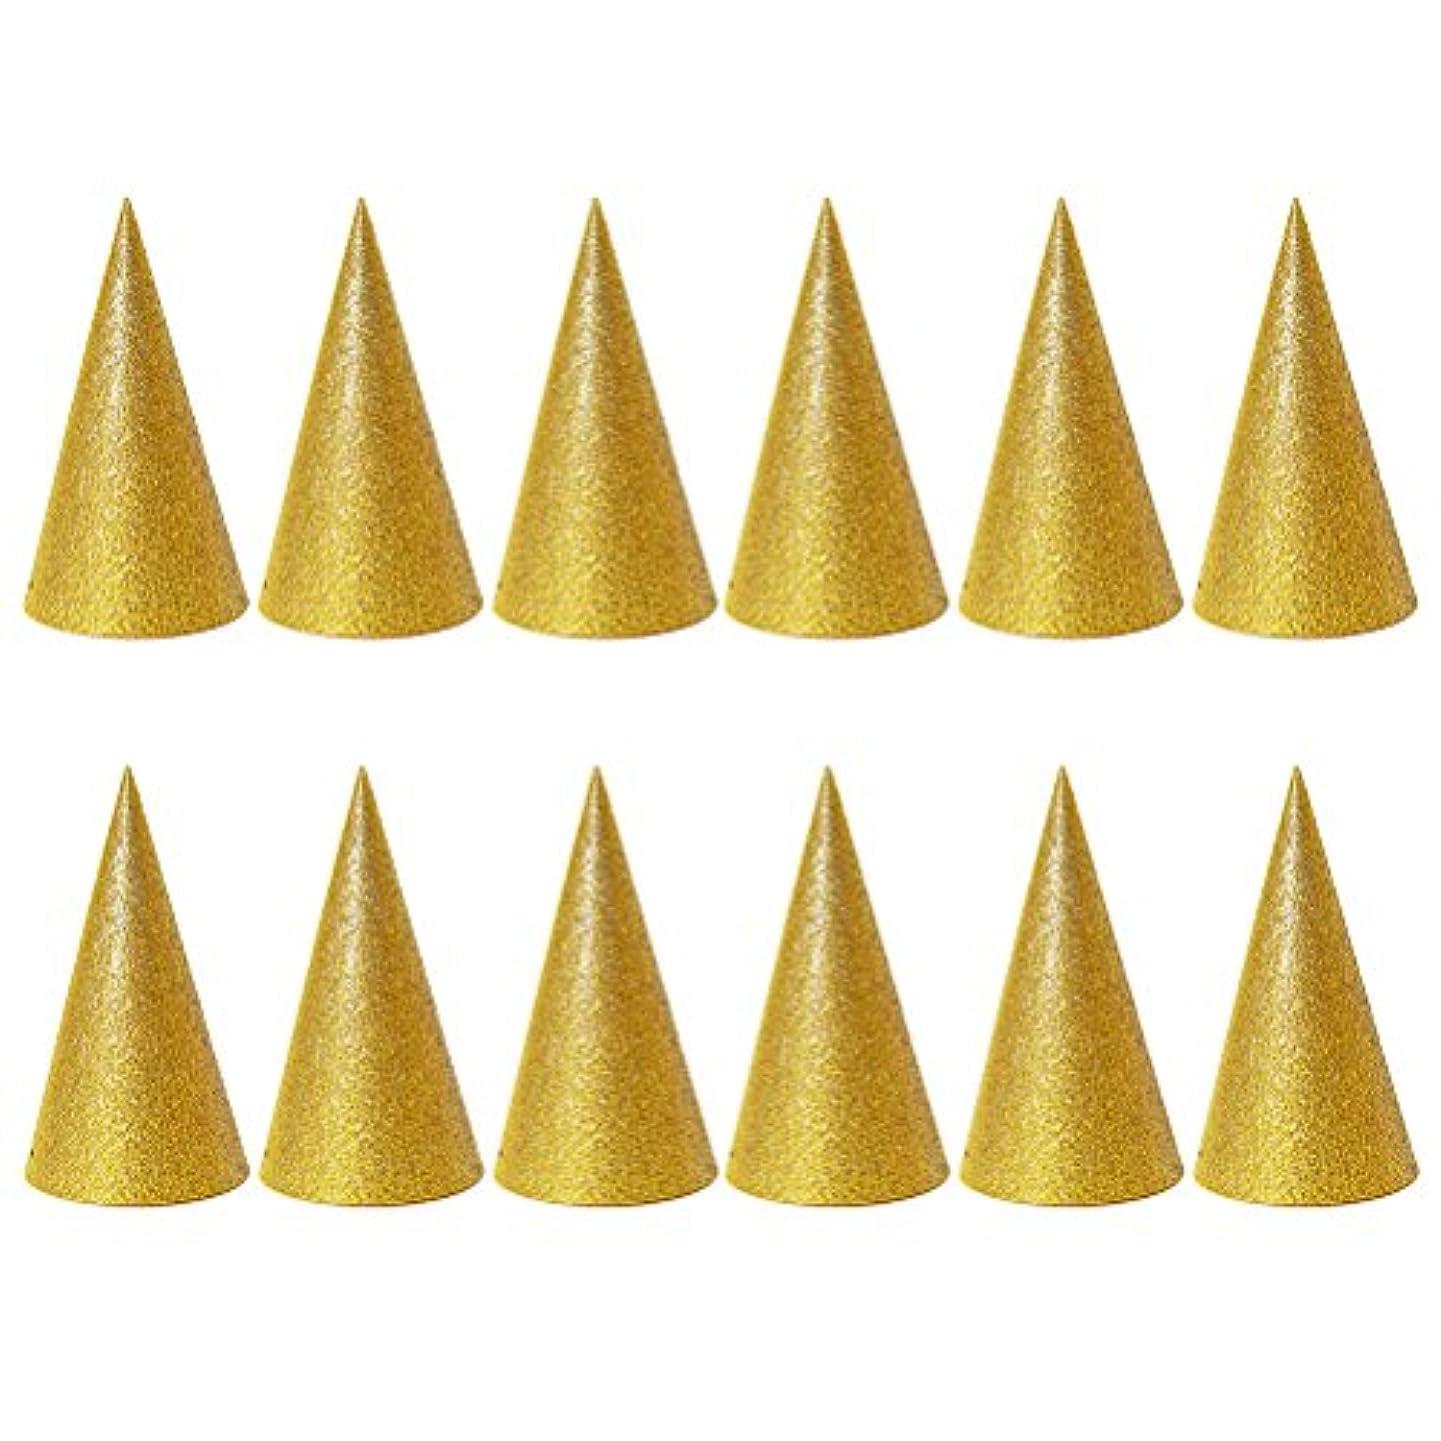 フォアマン問題形式SUPVOX 子供と大人のパーティーのための12個のキラキラコーンパーティー帽子トライアングルバースデー帽子は装飾を飾ります(ゴールデン)